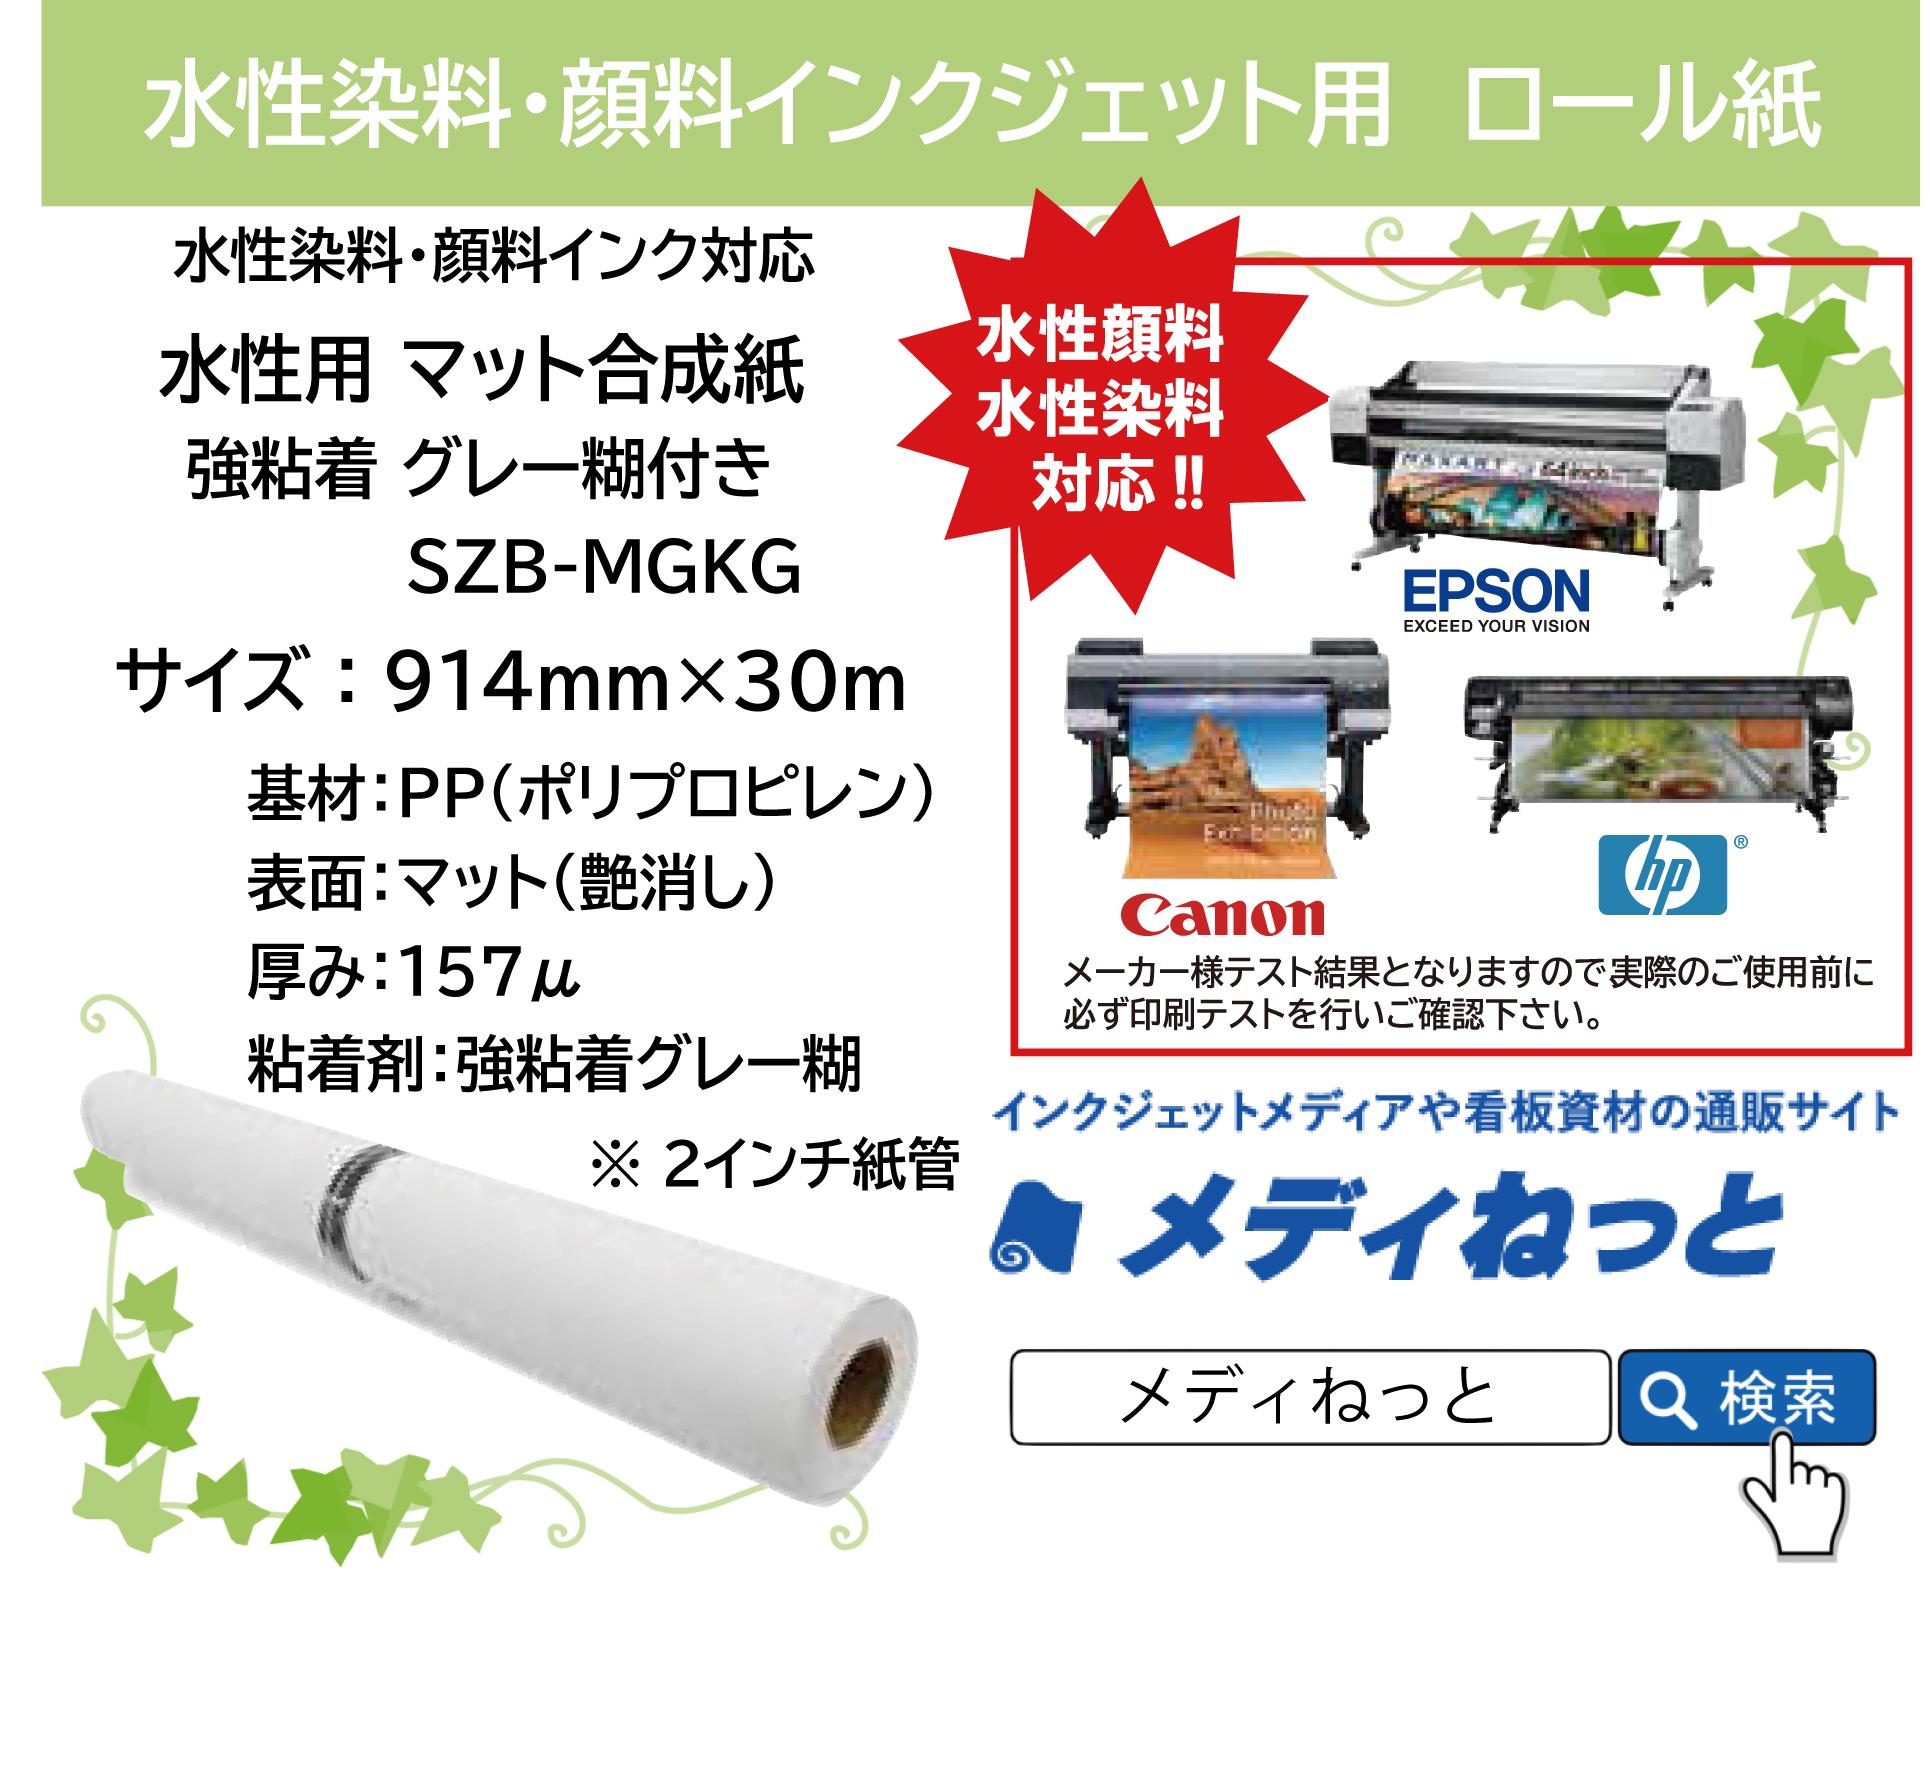 水性用マット合成紙 強粘着グレー糊付き(SZB-MGKG) 914mm×30m